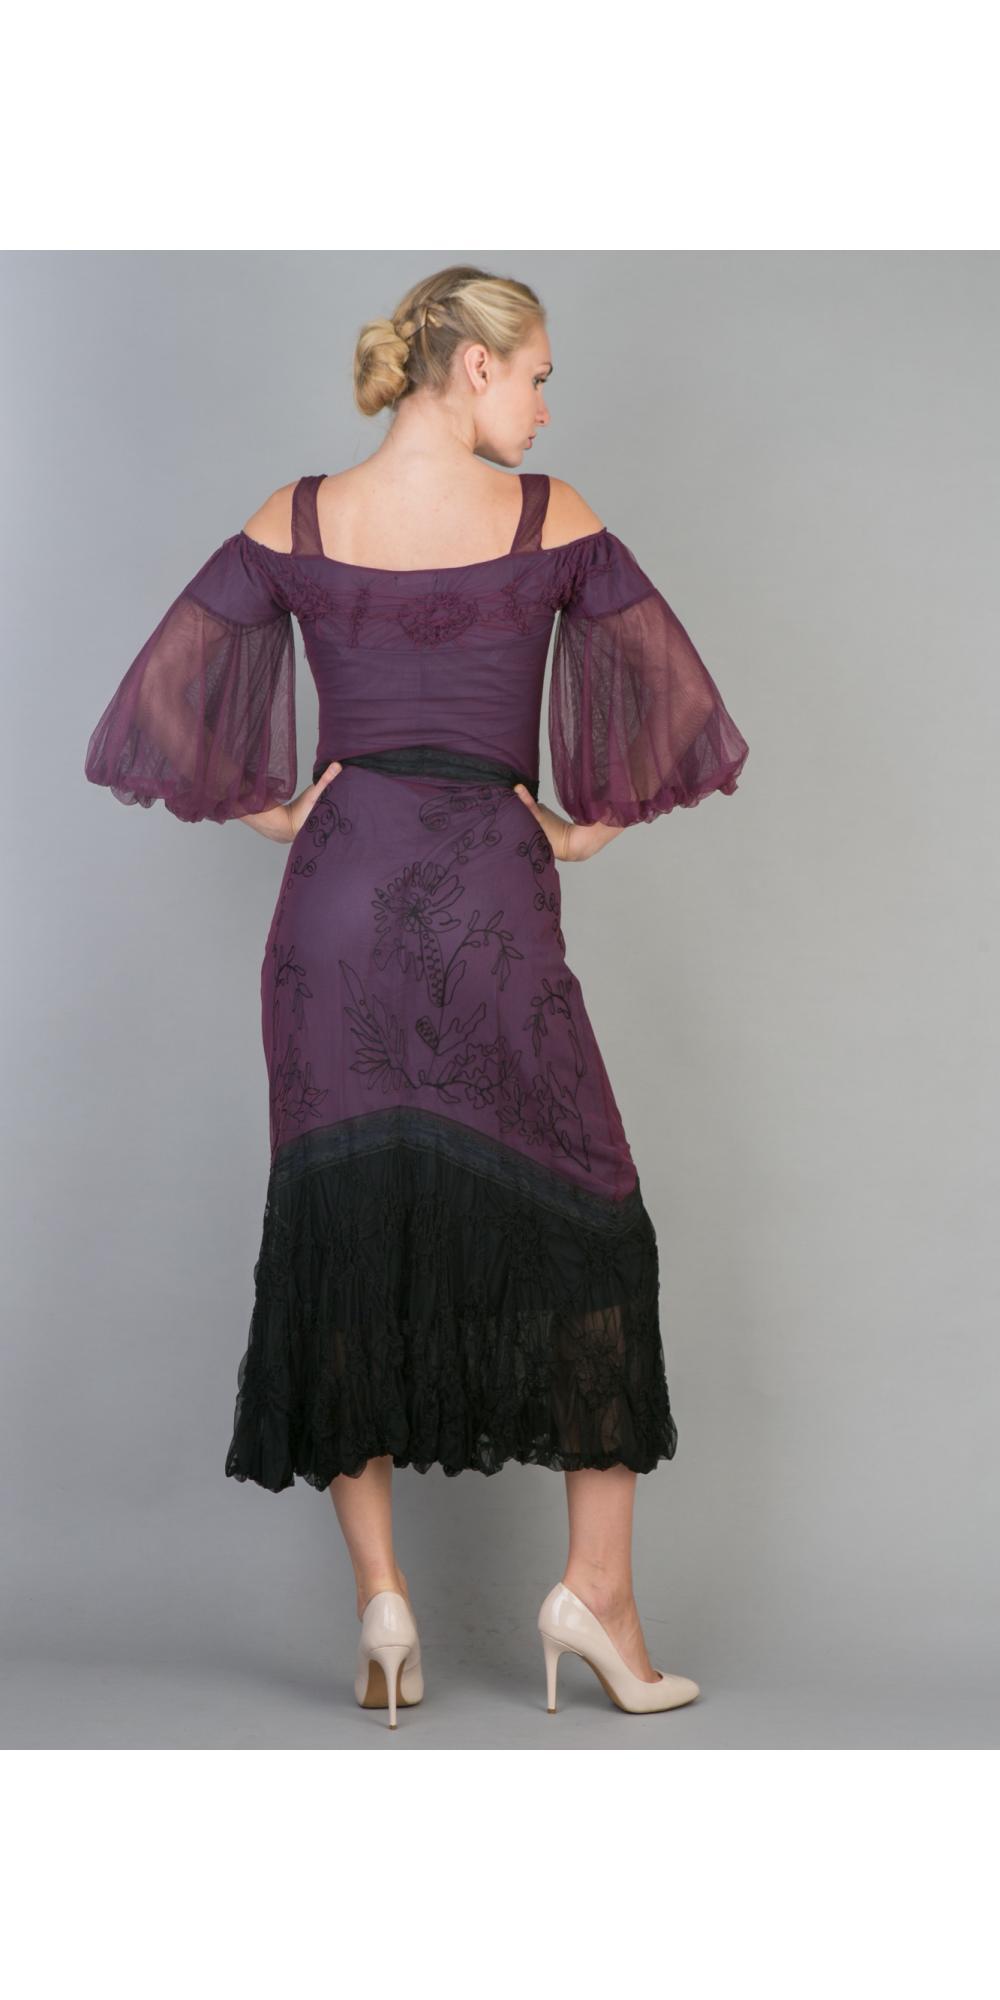 Nataya 40224 OffShoulder Vintage Party Dress